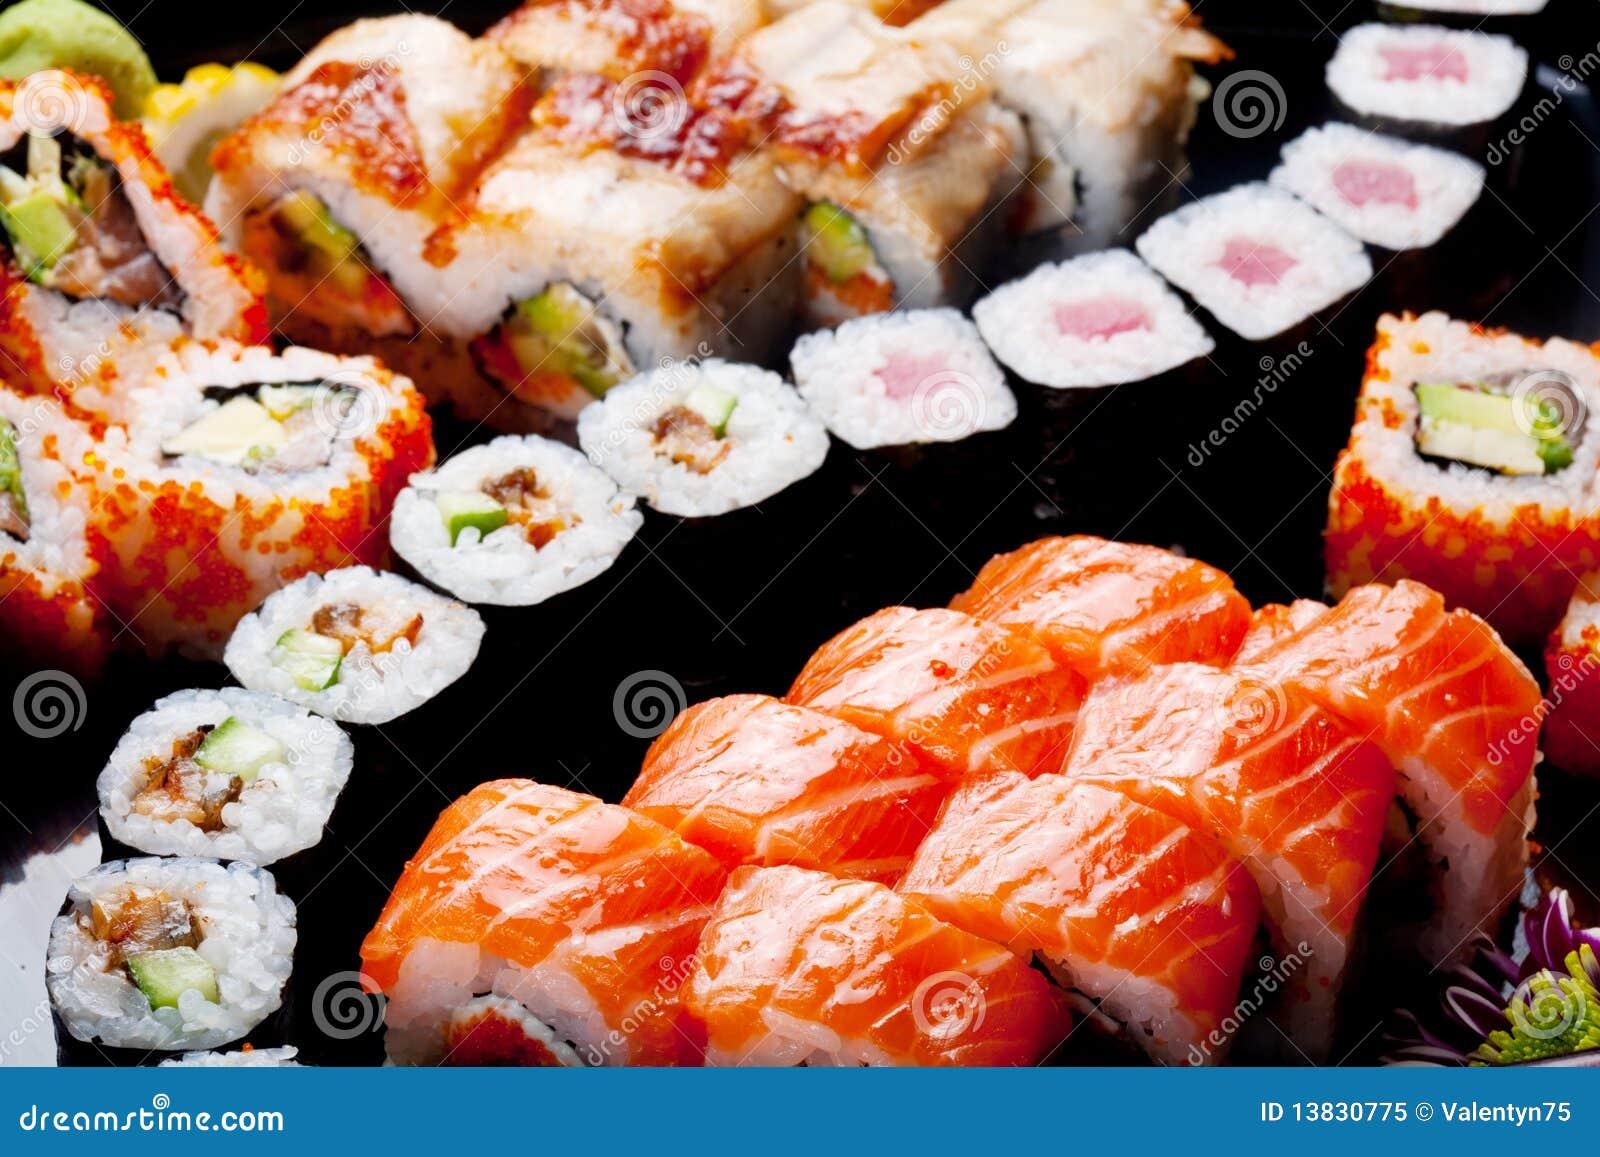 Japanische Sushirollen.